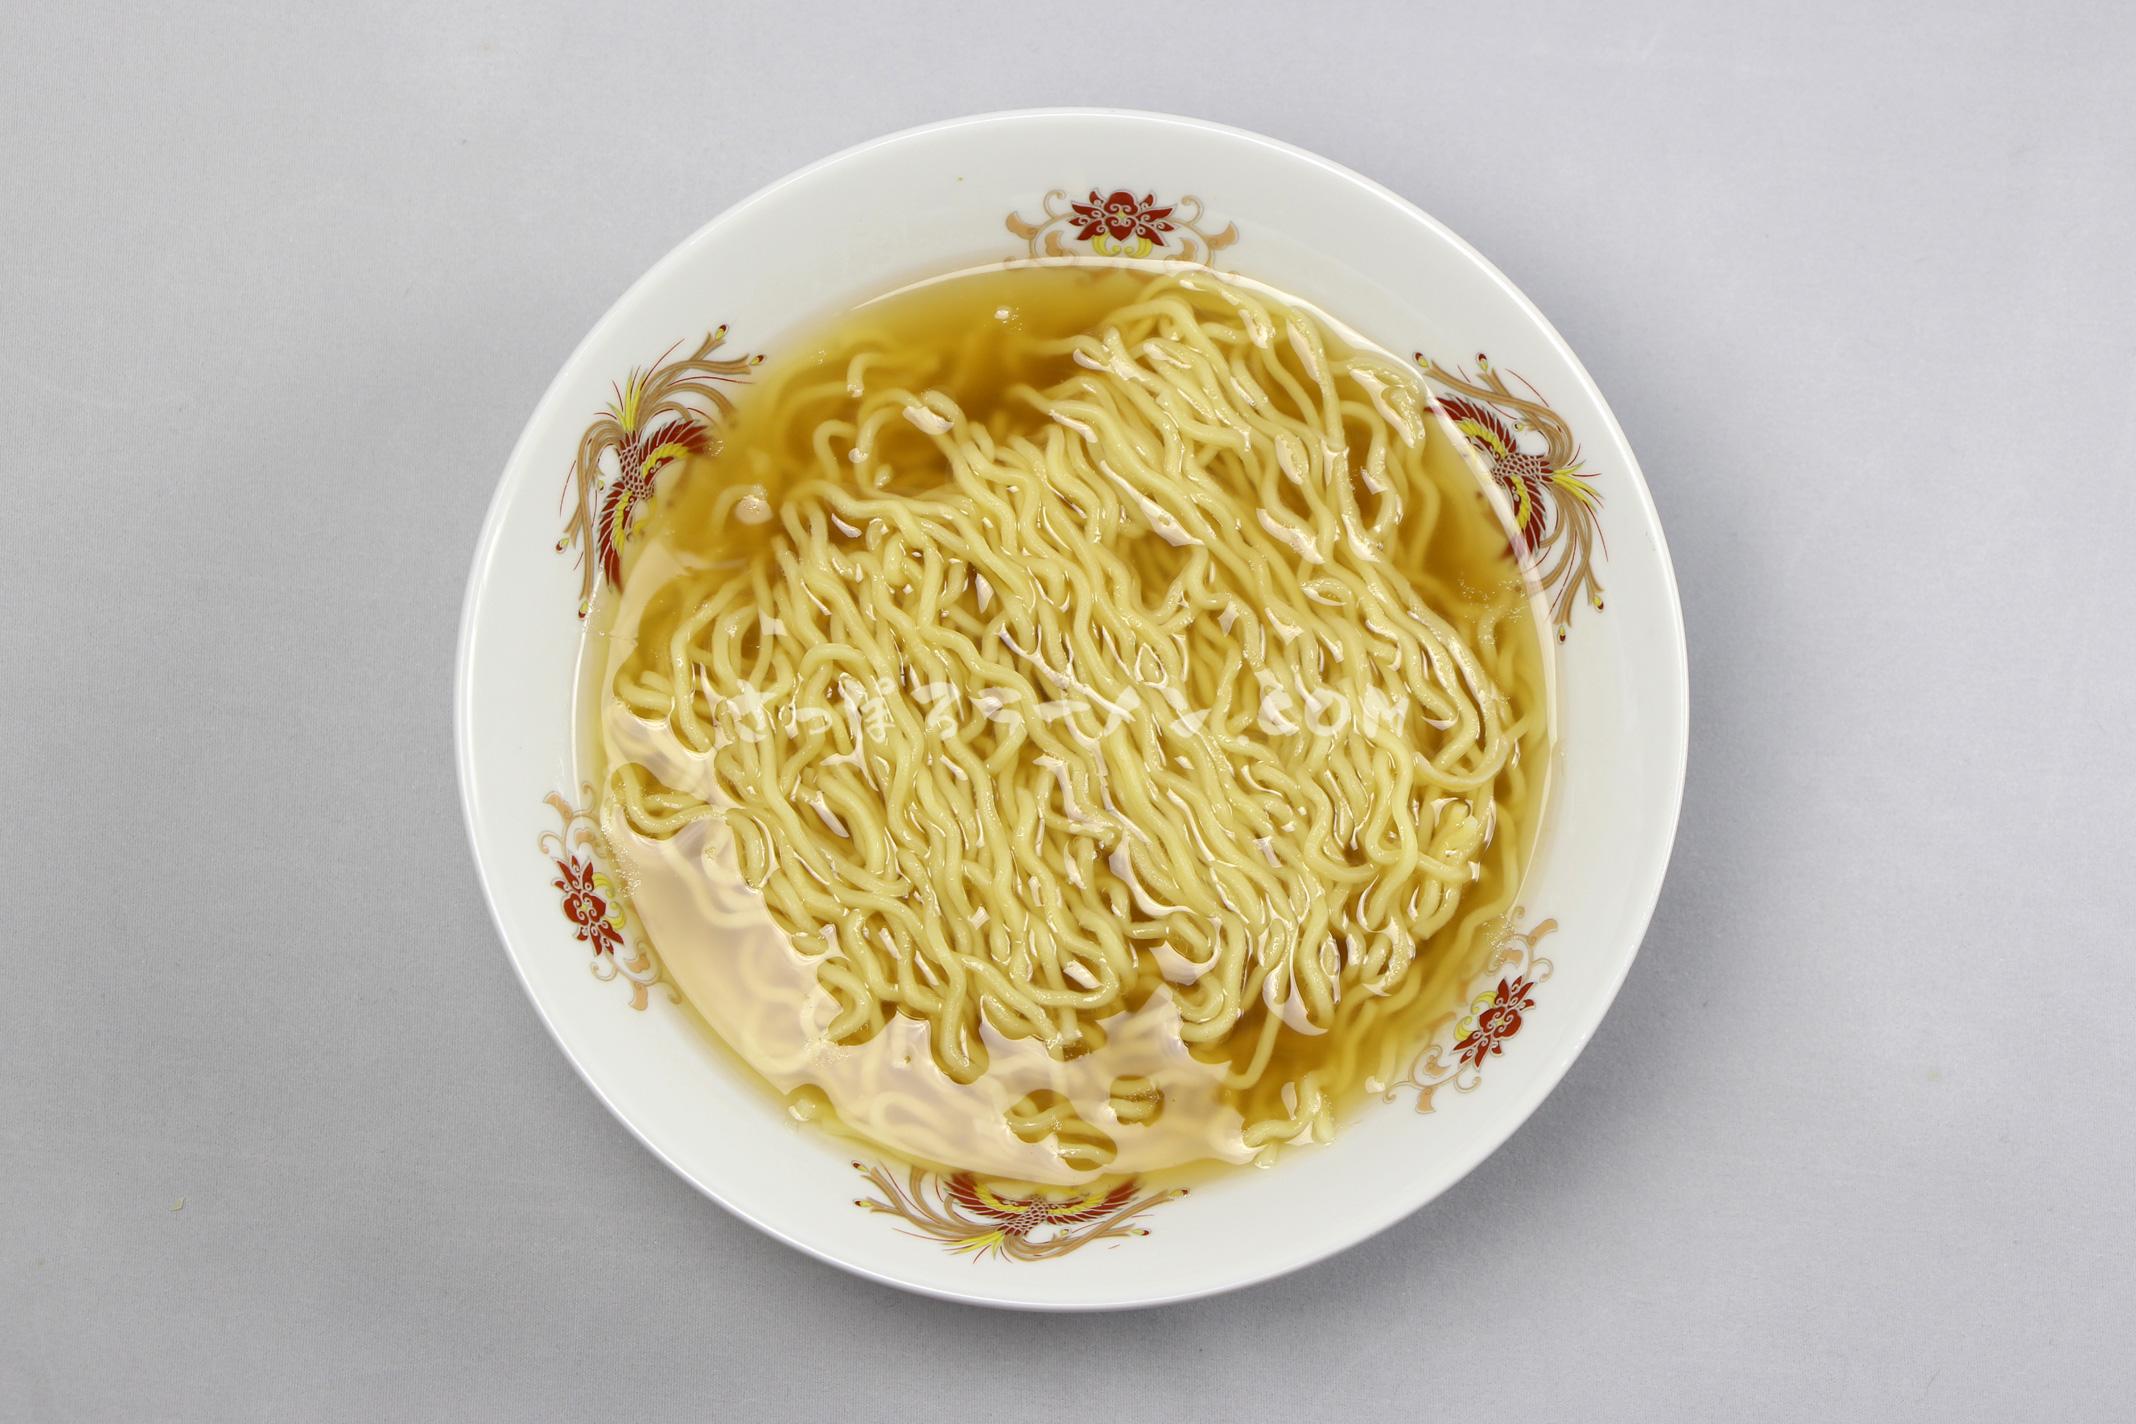 「キタノカオリ使用 小麦薫るしおラーメン」の完成画像